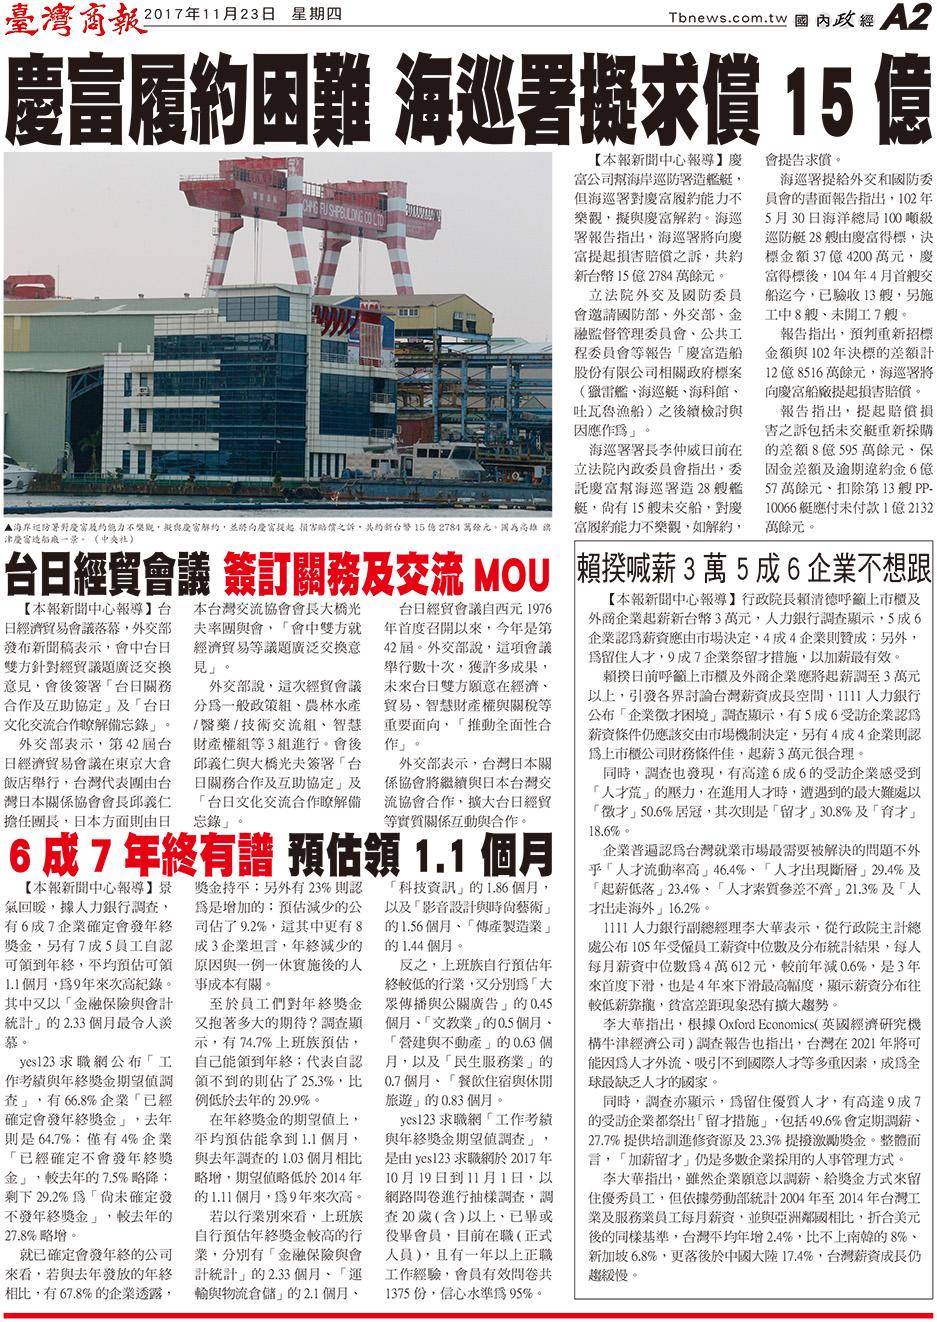 慶富履約困難 海巡署擬求償 15 億